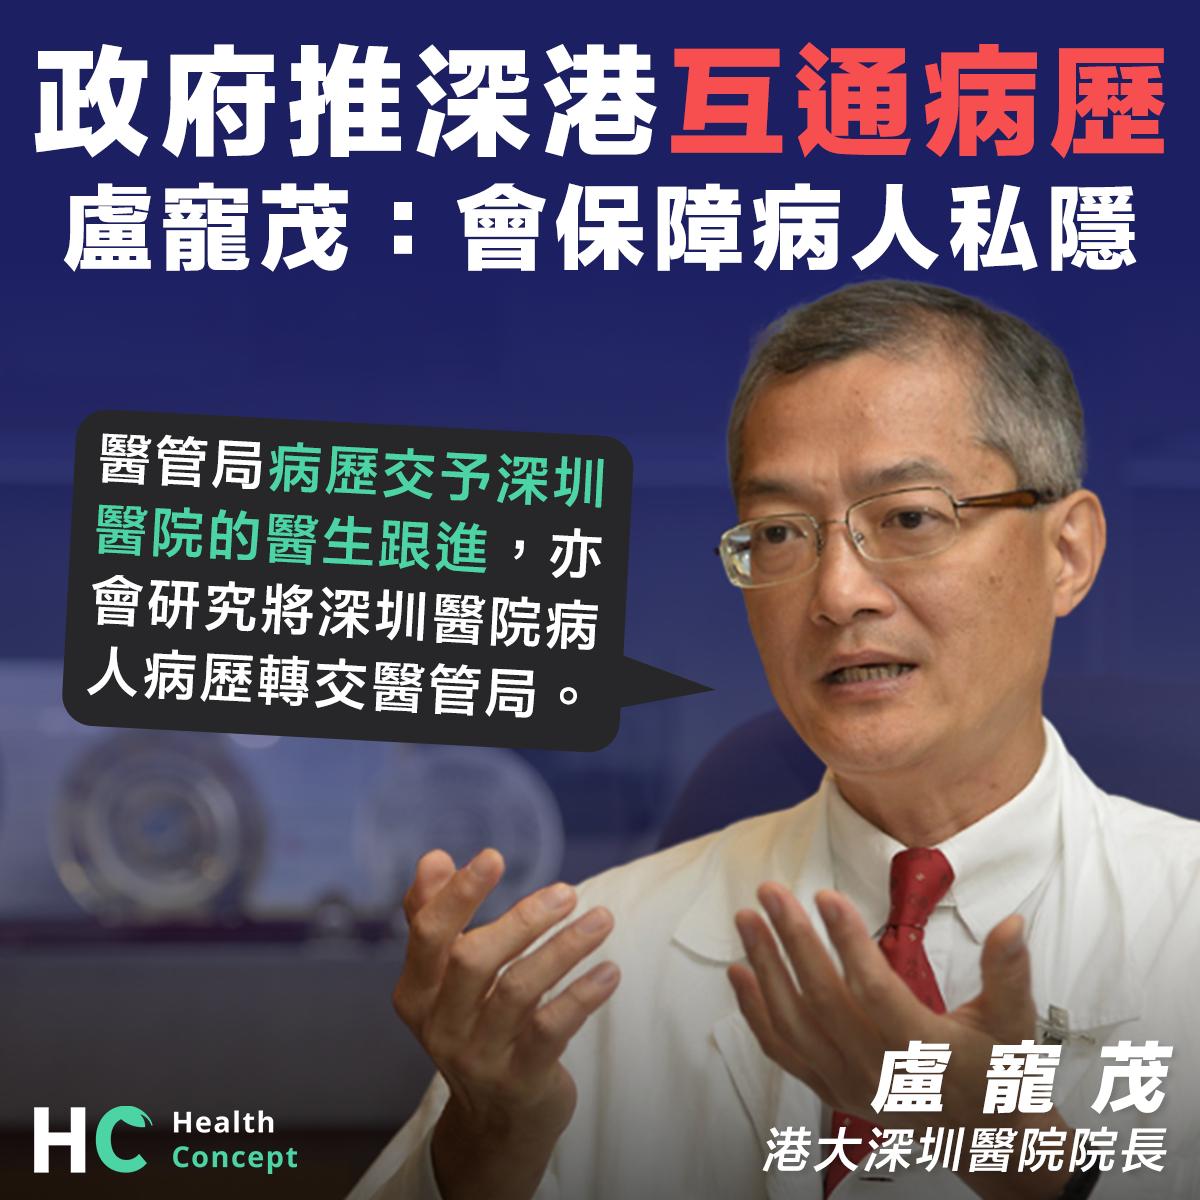 【新型肺炎】政府推深圳香港互通病歷 盧寵茂:會保障病人私隱